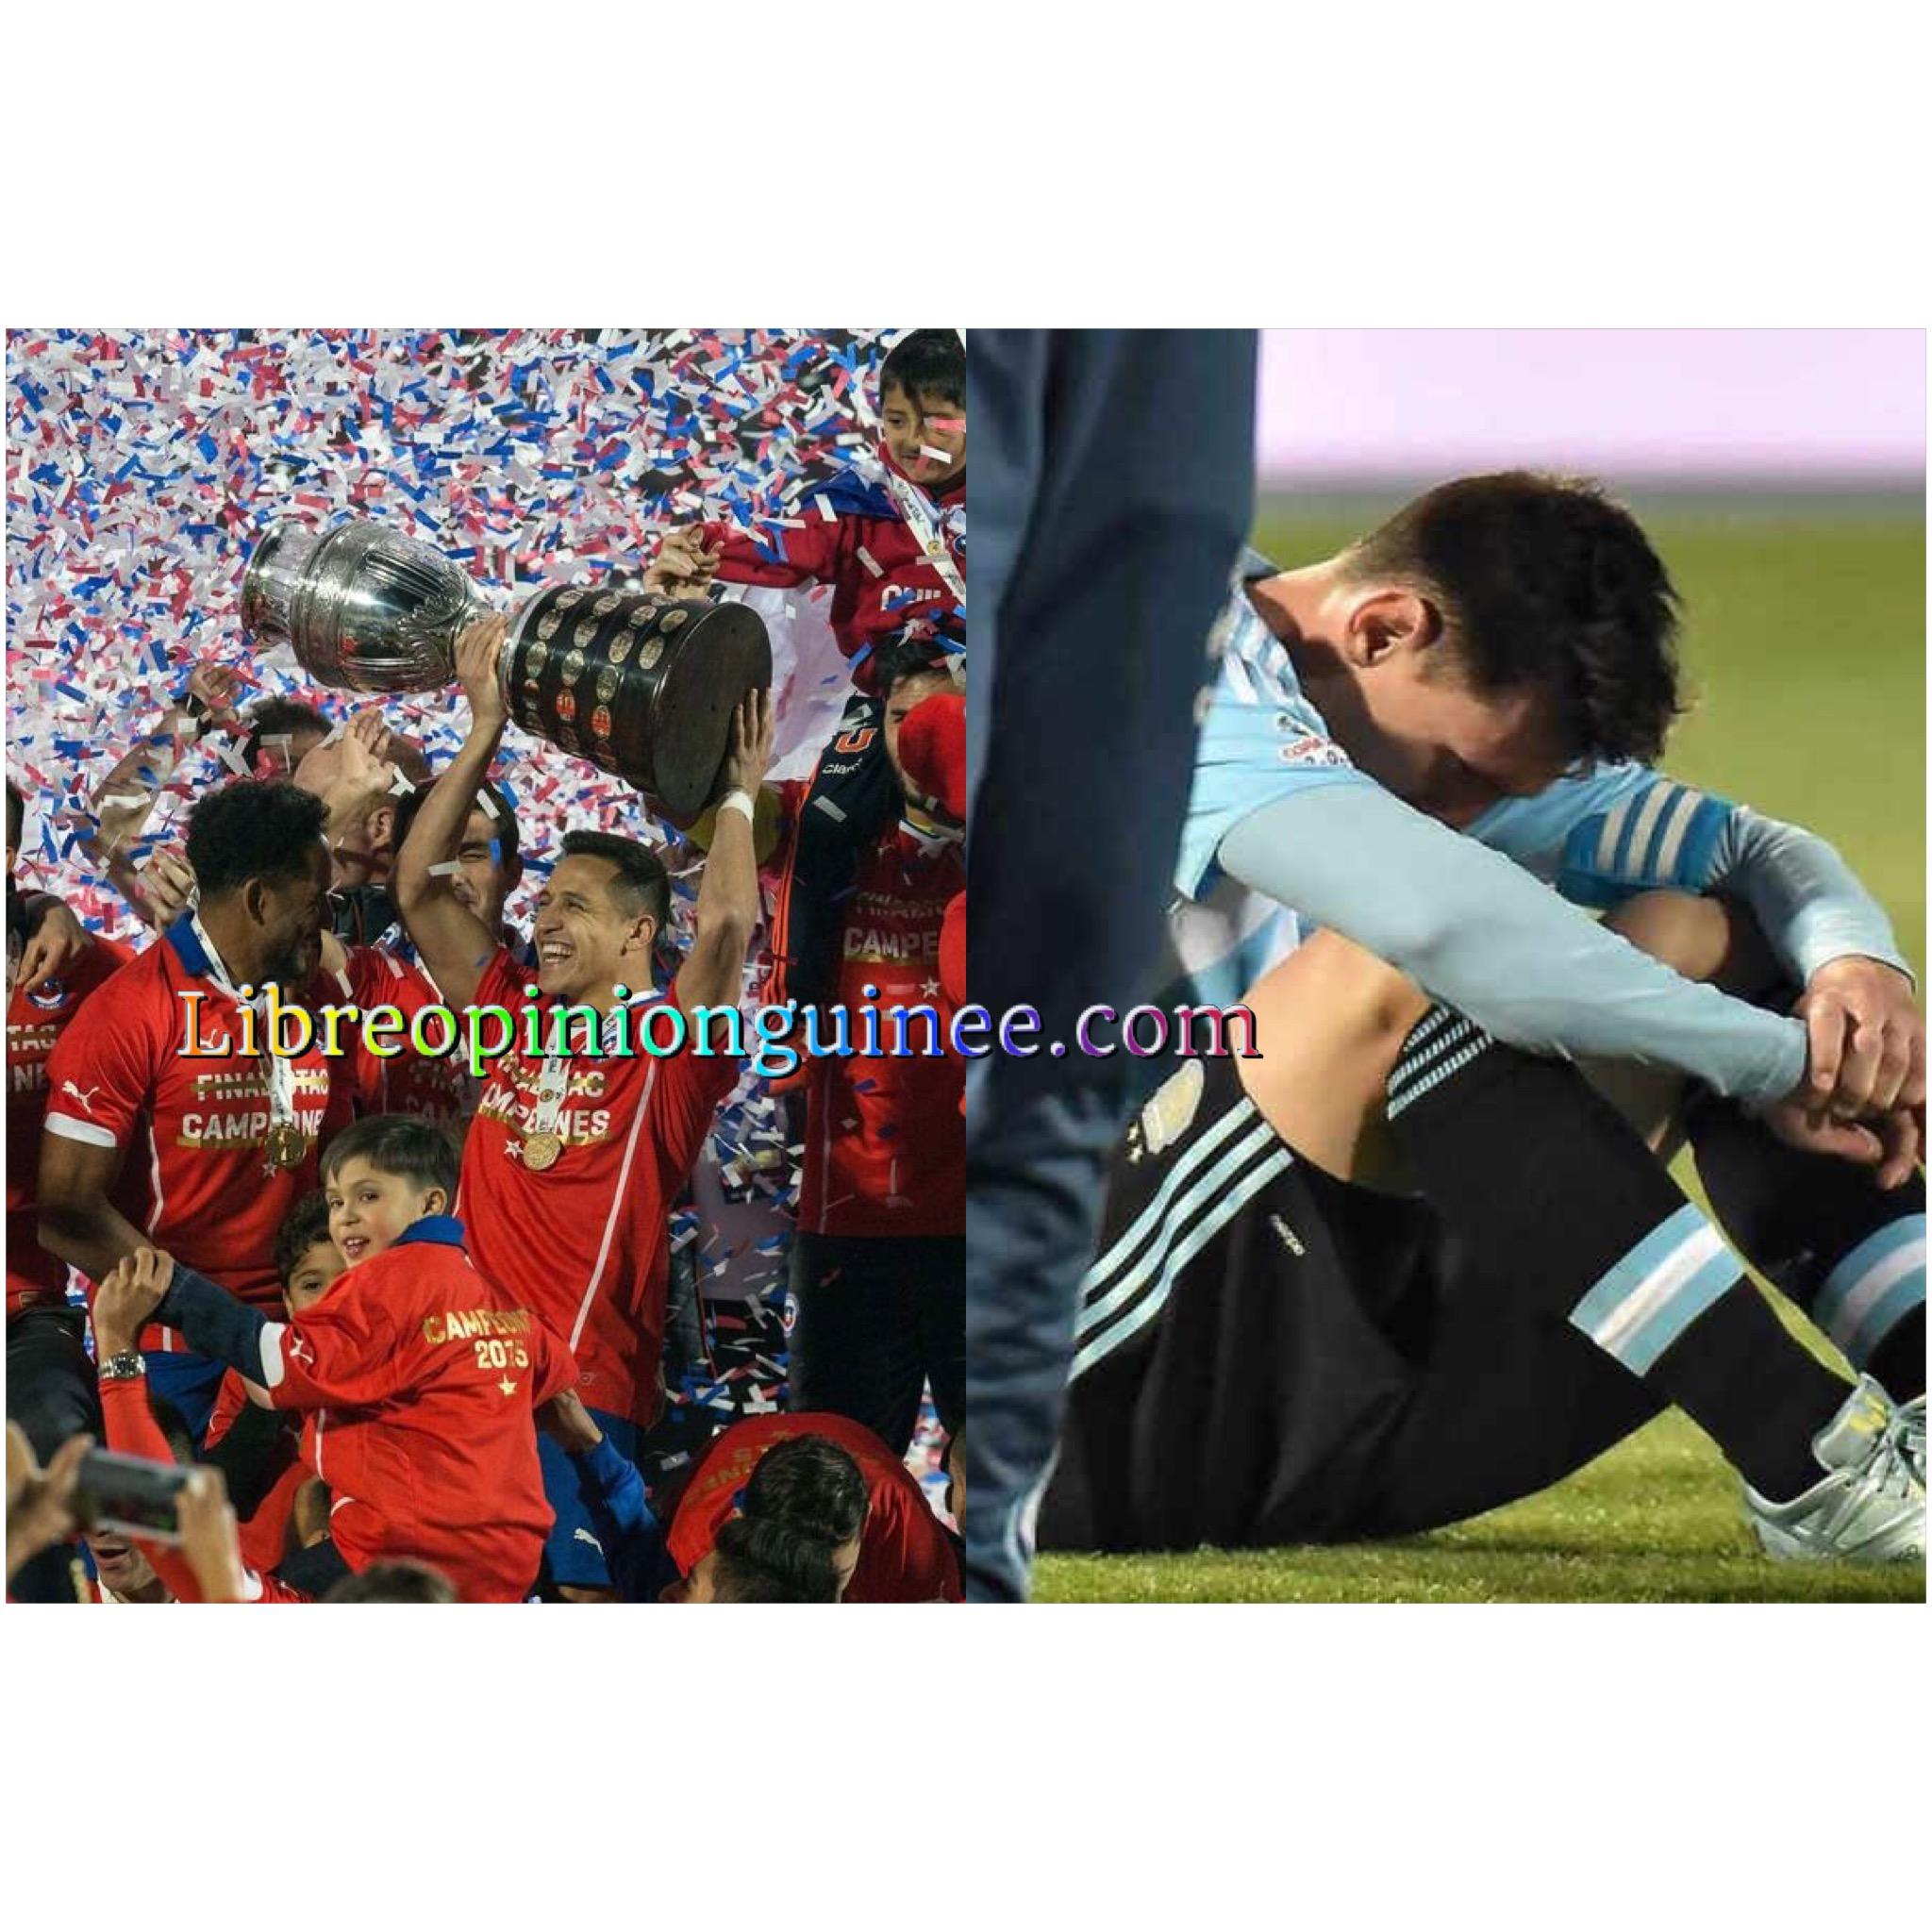 Copa final Messi perd contre le Chili